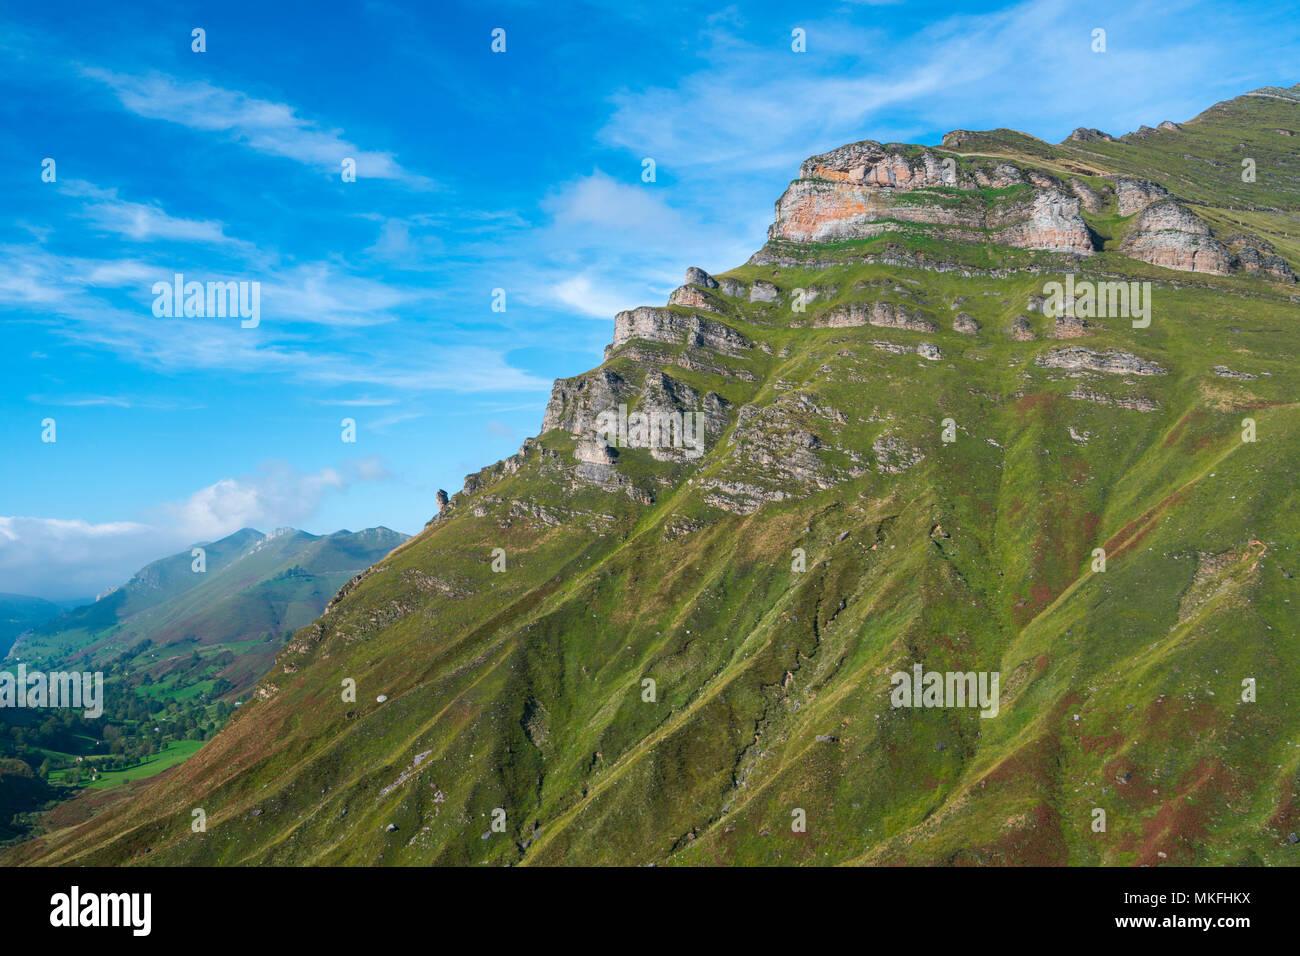 Vista desde el Mirador de Covalruyu, Miera Valle, en los valles pasiegos, Cantabria, ESPAÑA Foto de stock